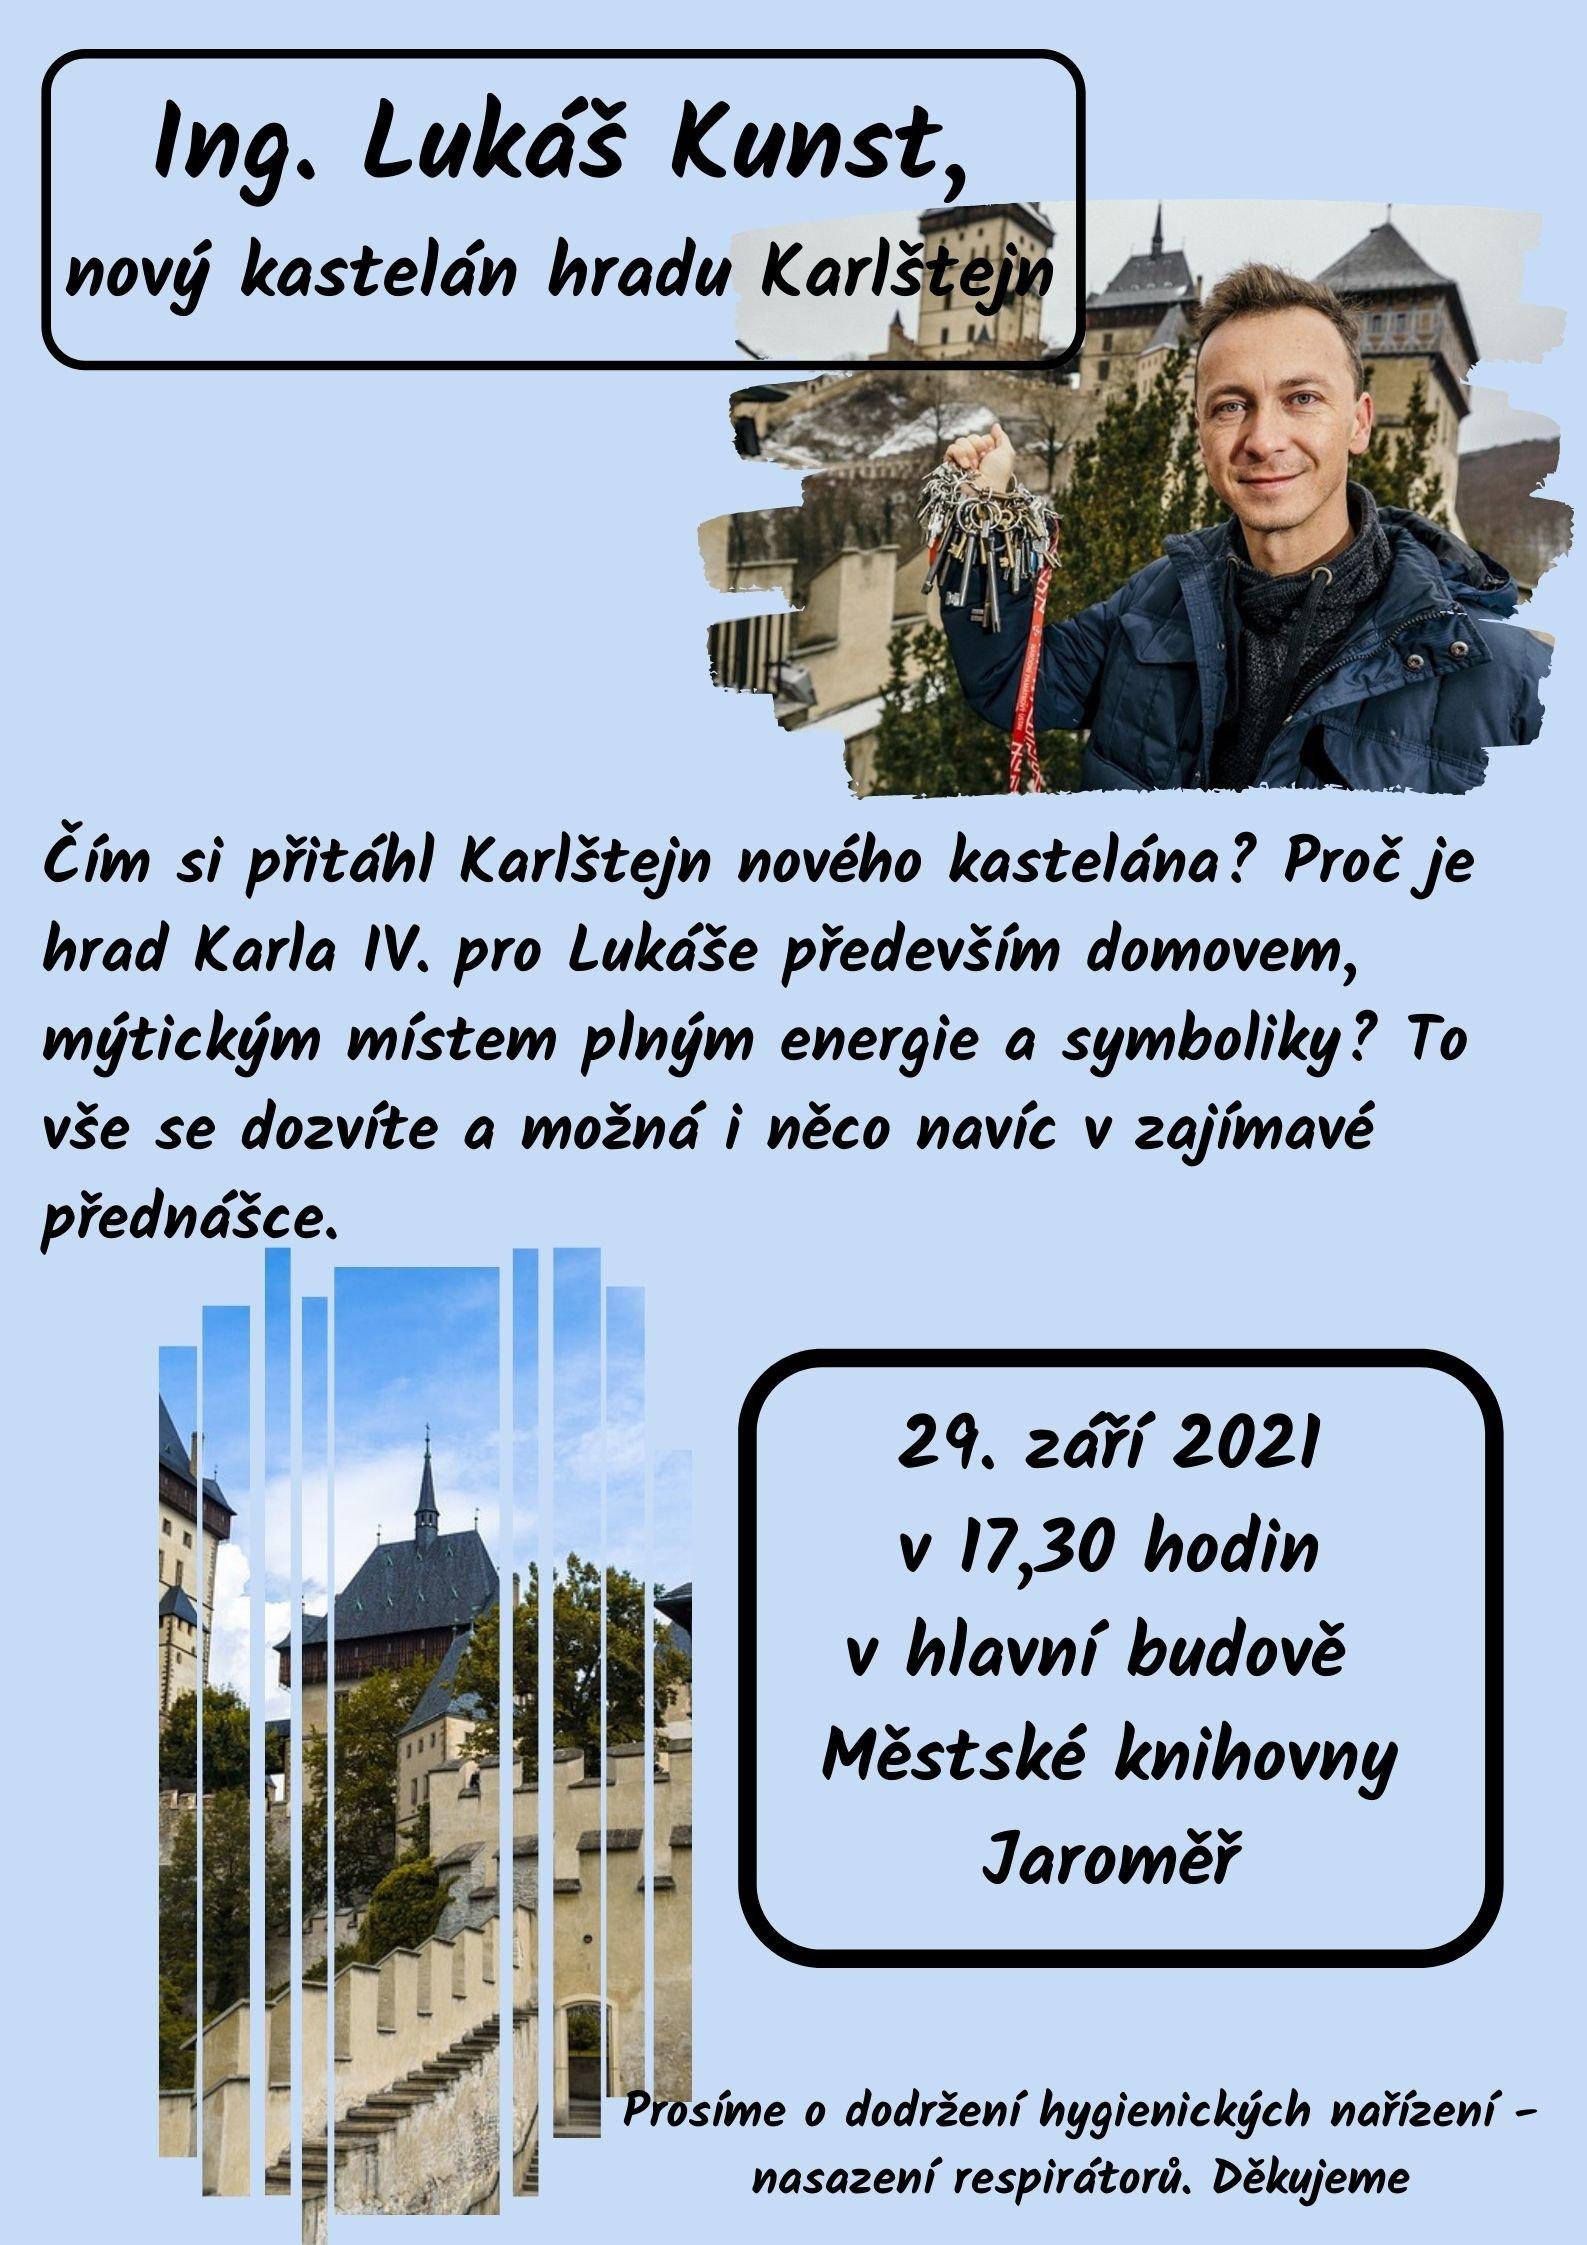 Ing. Lukáš Kunst – nový kastelán hradu Karlštejn